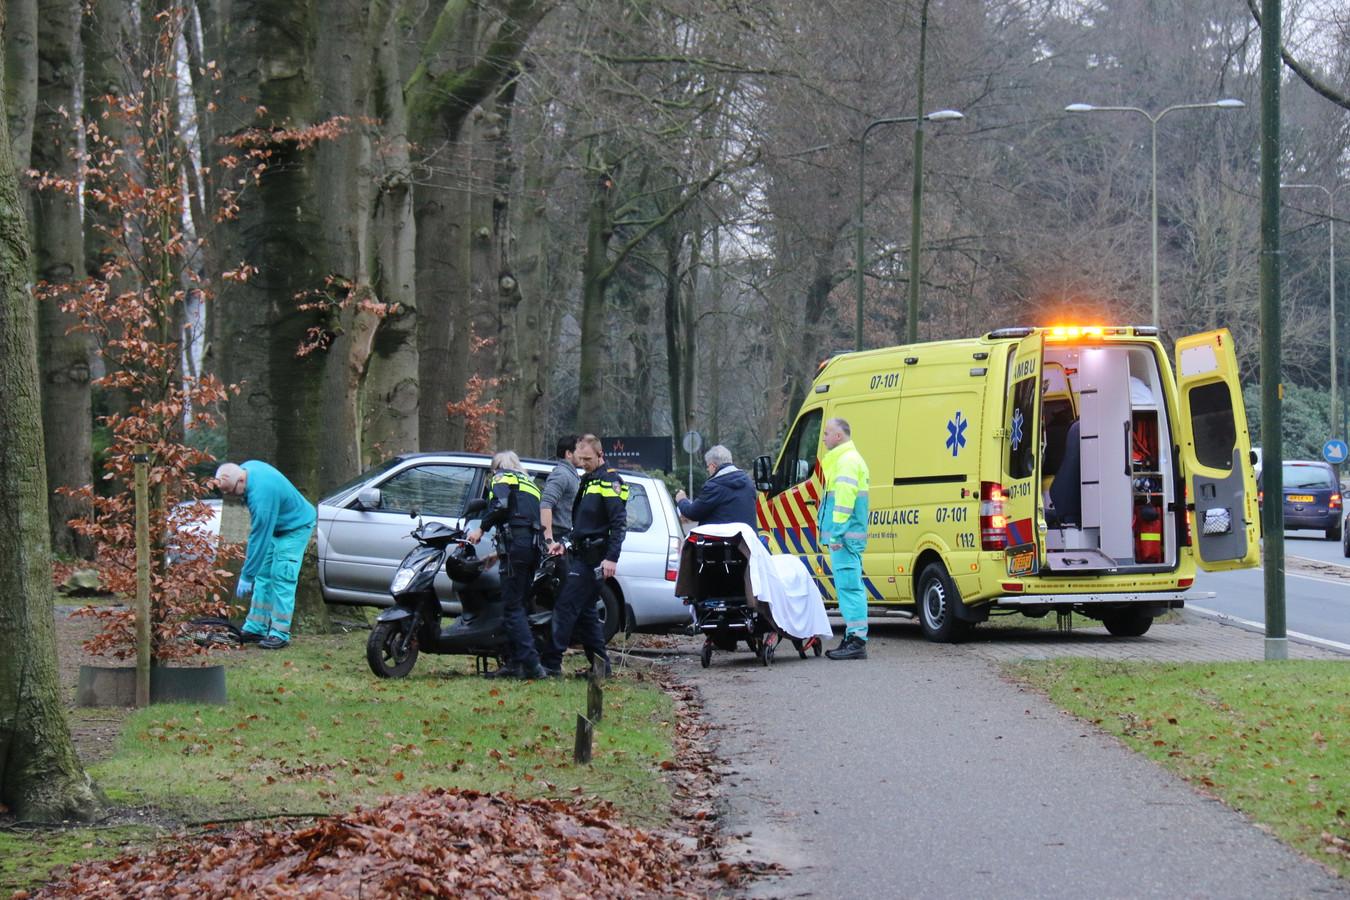 Hulpverlening na het ongeluk op de N225 bij Oosterbeek.